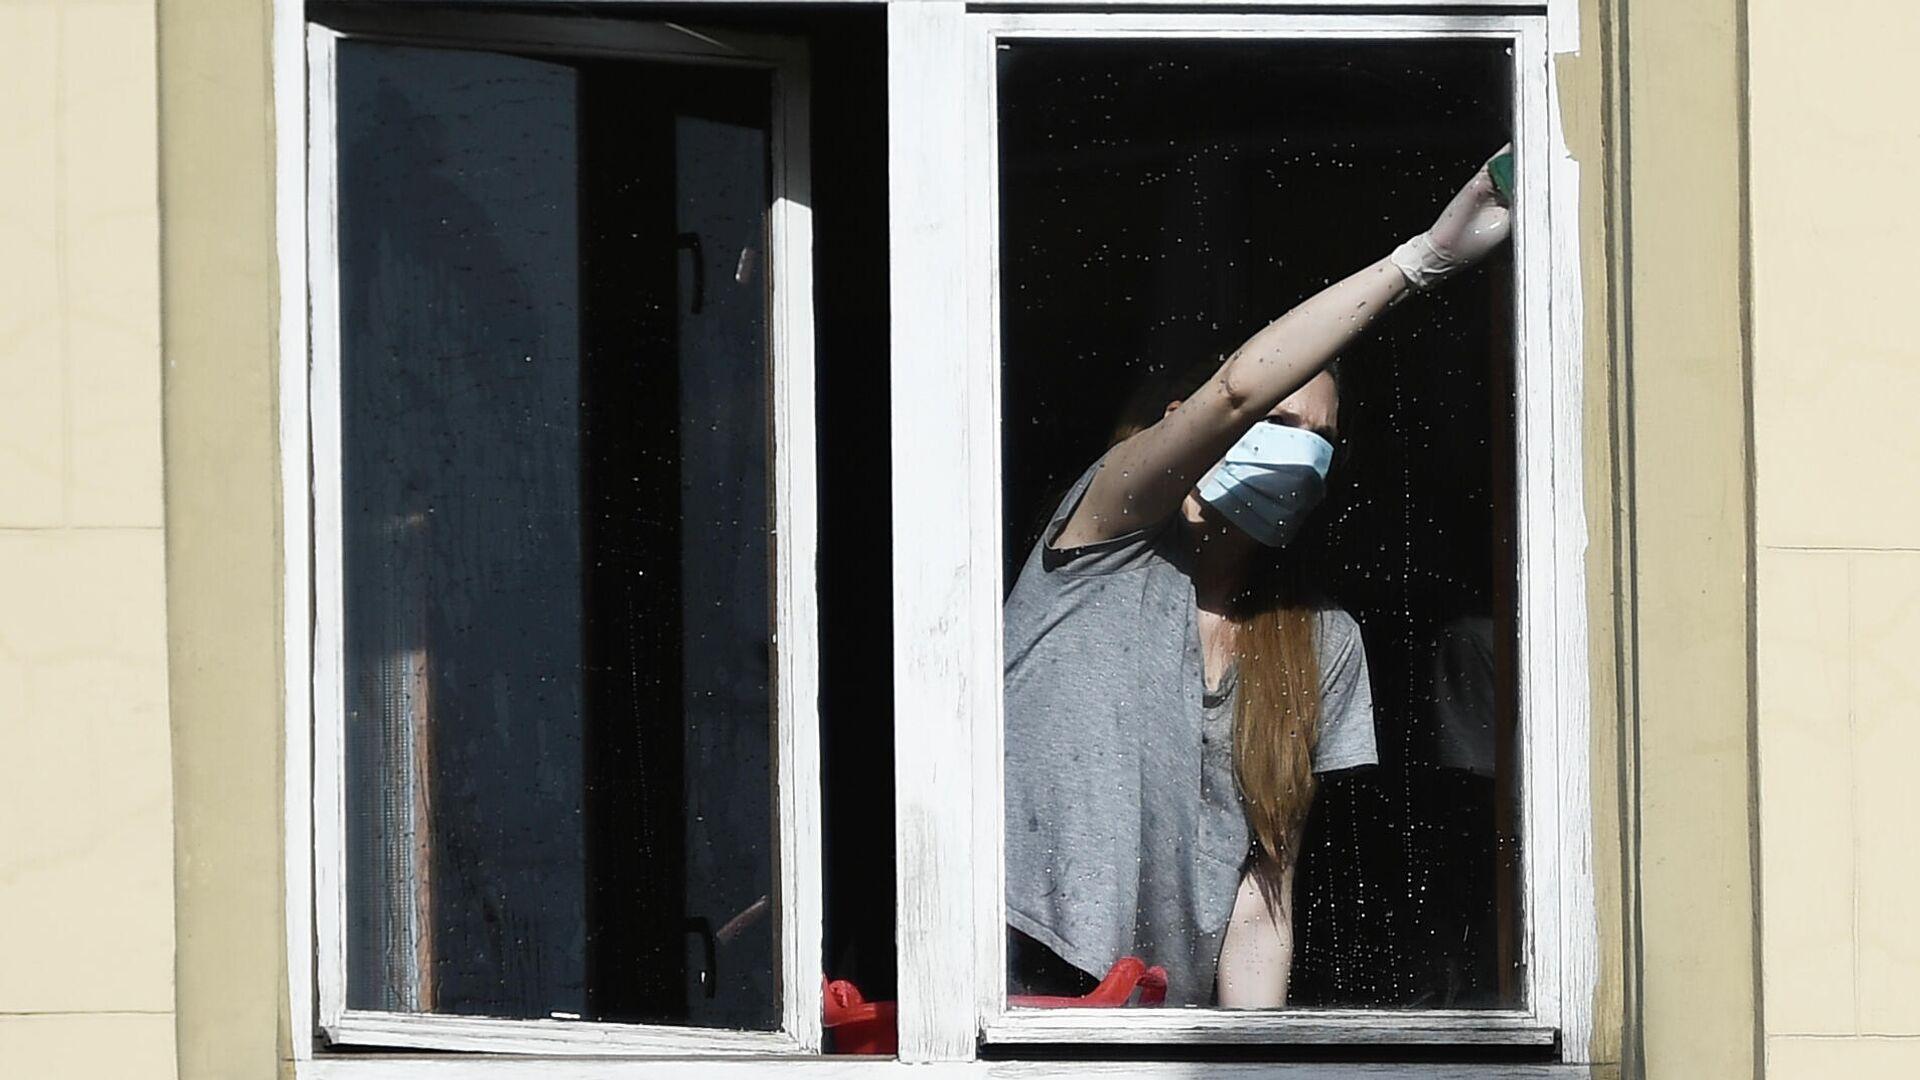 Девушка в защитной маске в квартире жилого дома в Москве - РИА Новости, 1920, 19.11.2020